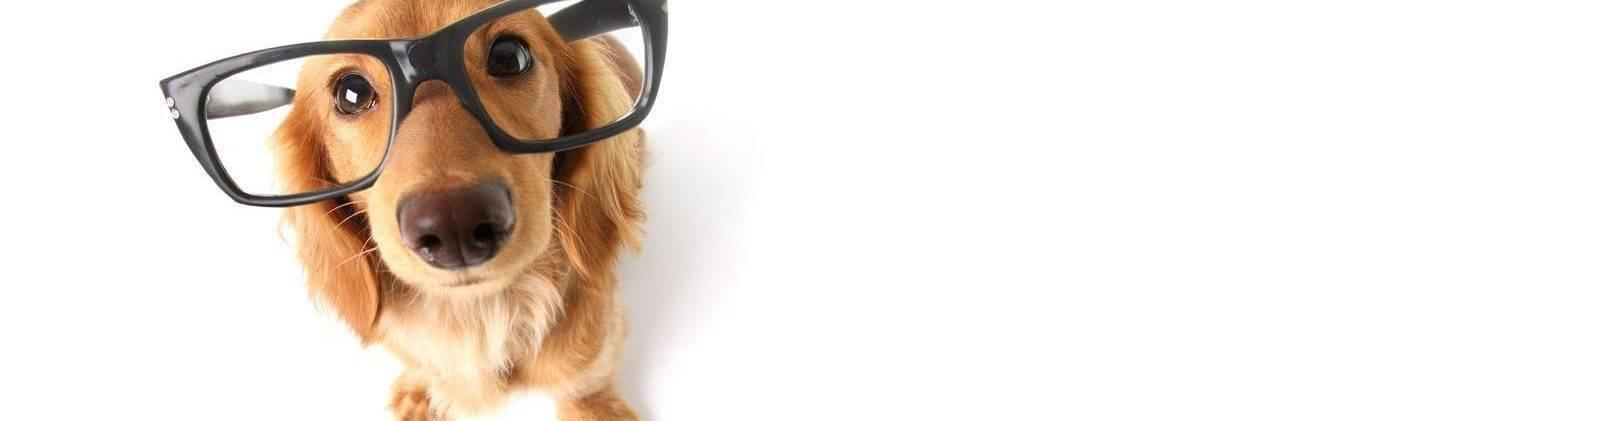 xprescription-eyeglasses-1600x421.jpg.pagespeed.ic_.lEJ9cyZERG